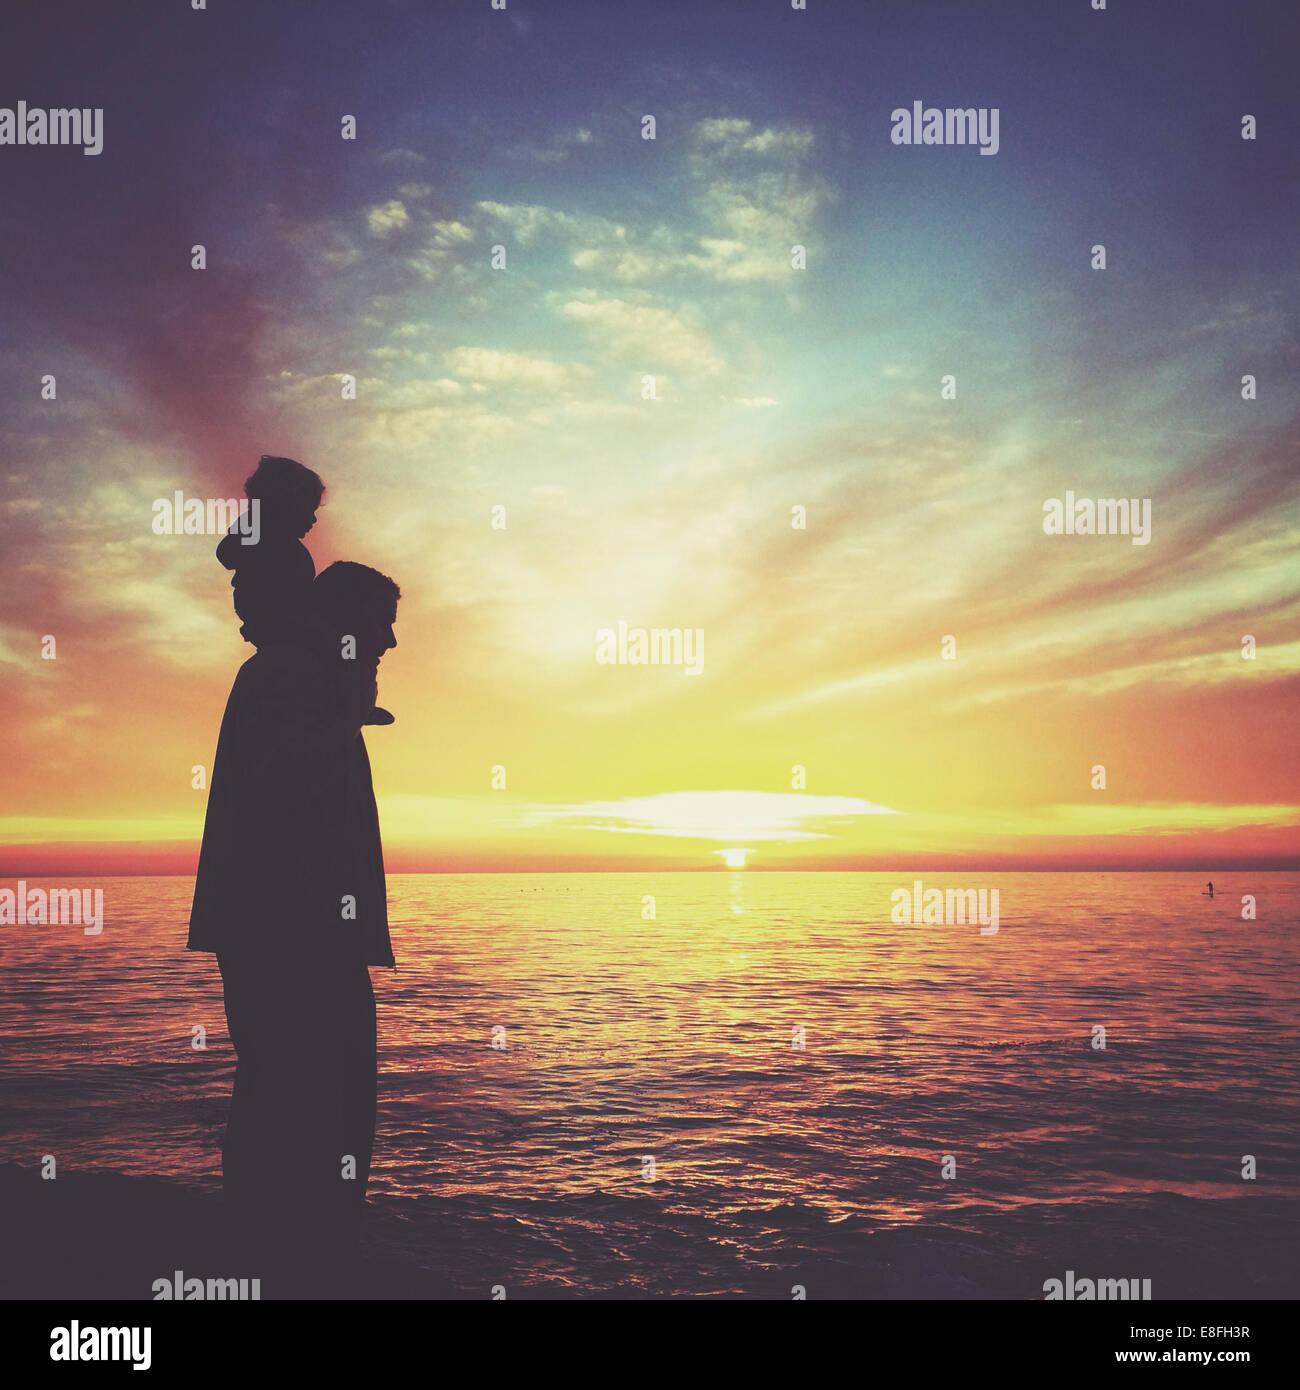 Silueta de muchacho sentado sobre los hombros de su padre, Laguna Beach, California, Estados Unidos, EE.UU. Imagen De Stock